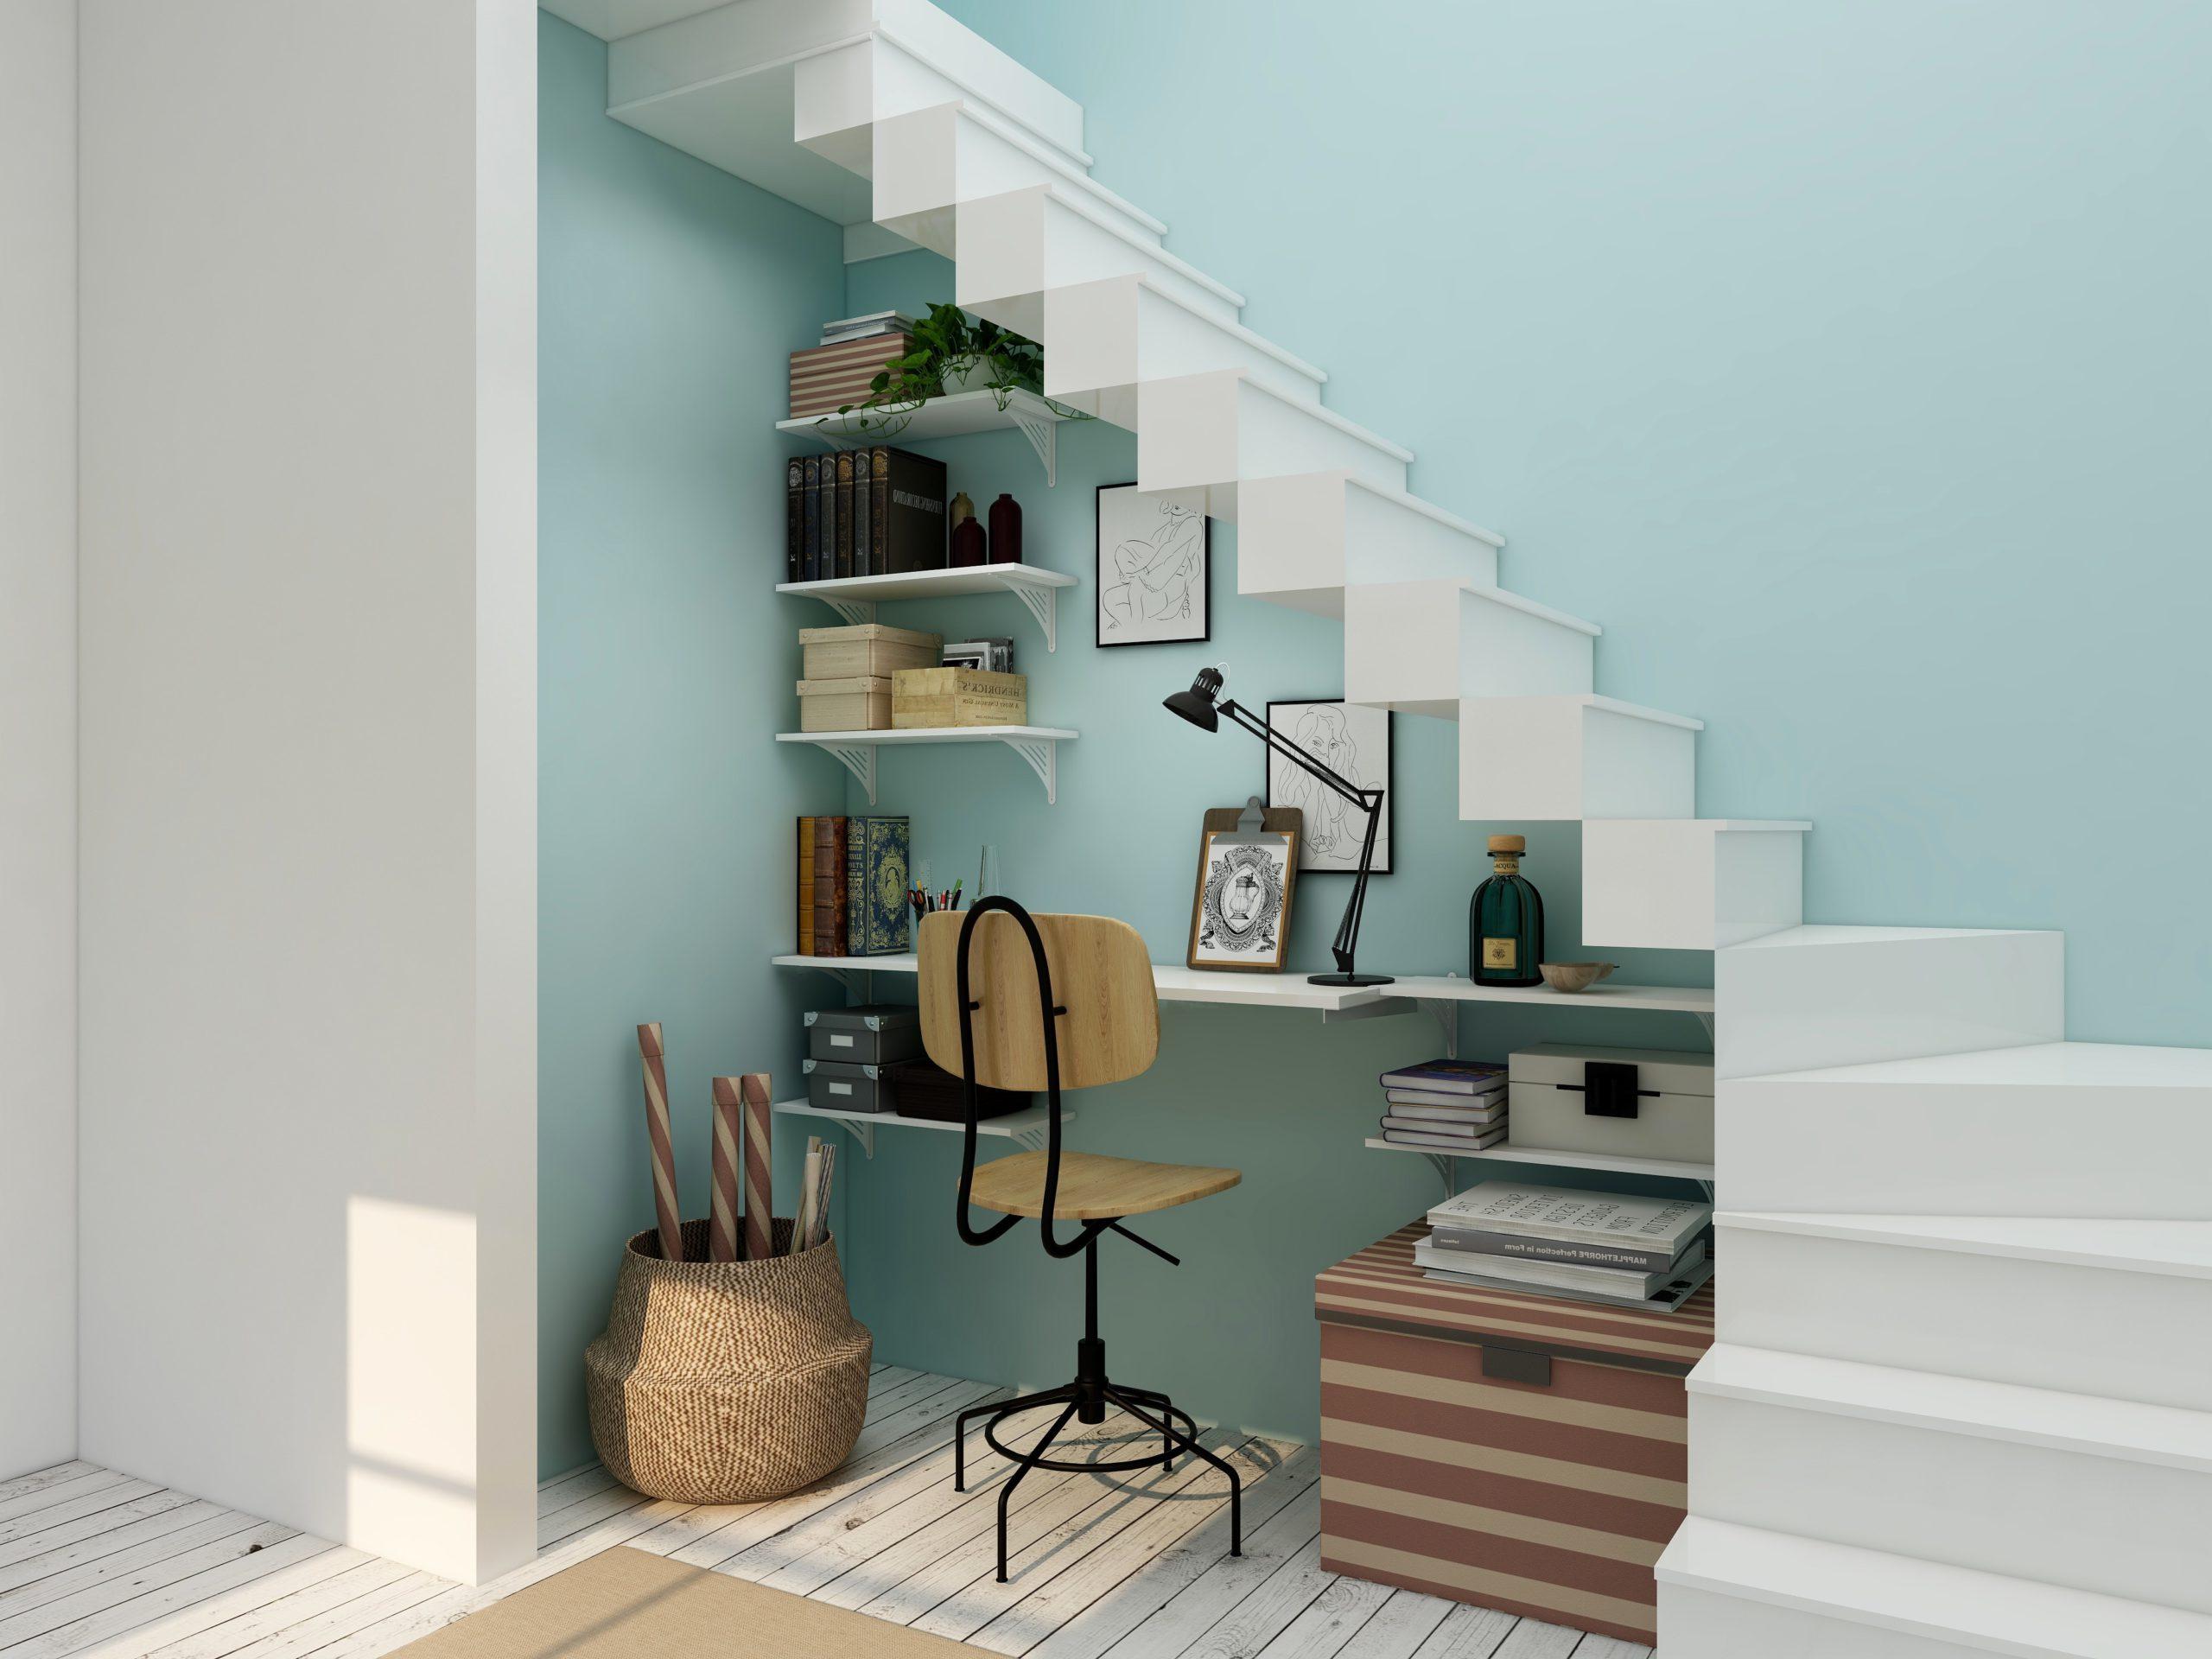 村屋樓梯裝修